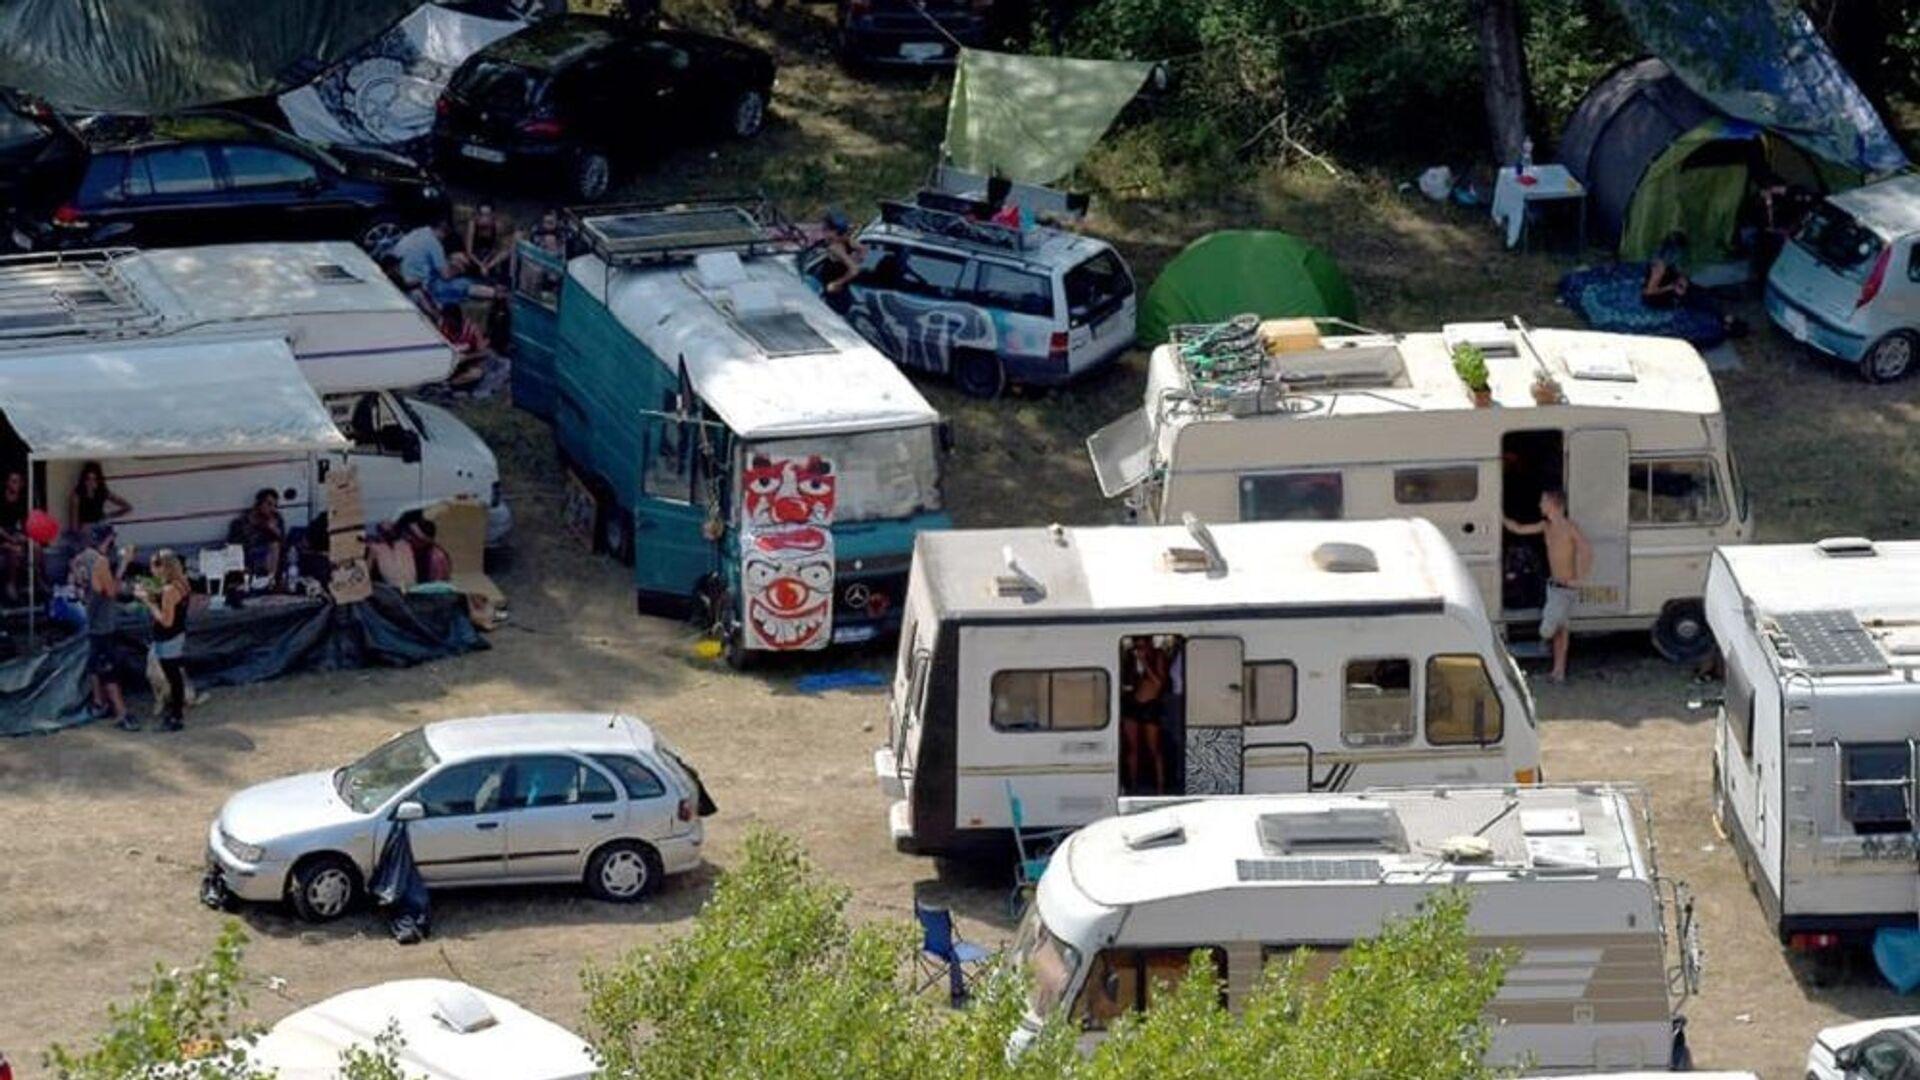 Rave party al parco nazionale dell'Appennino Lucano Val d'Agri nel Lagonegrese - Sputnik Italia, 1920, 19.08.2021